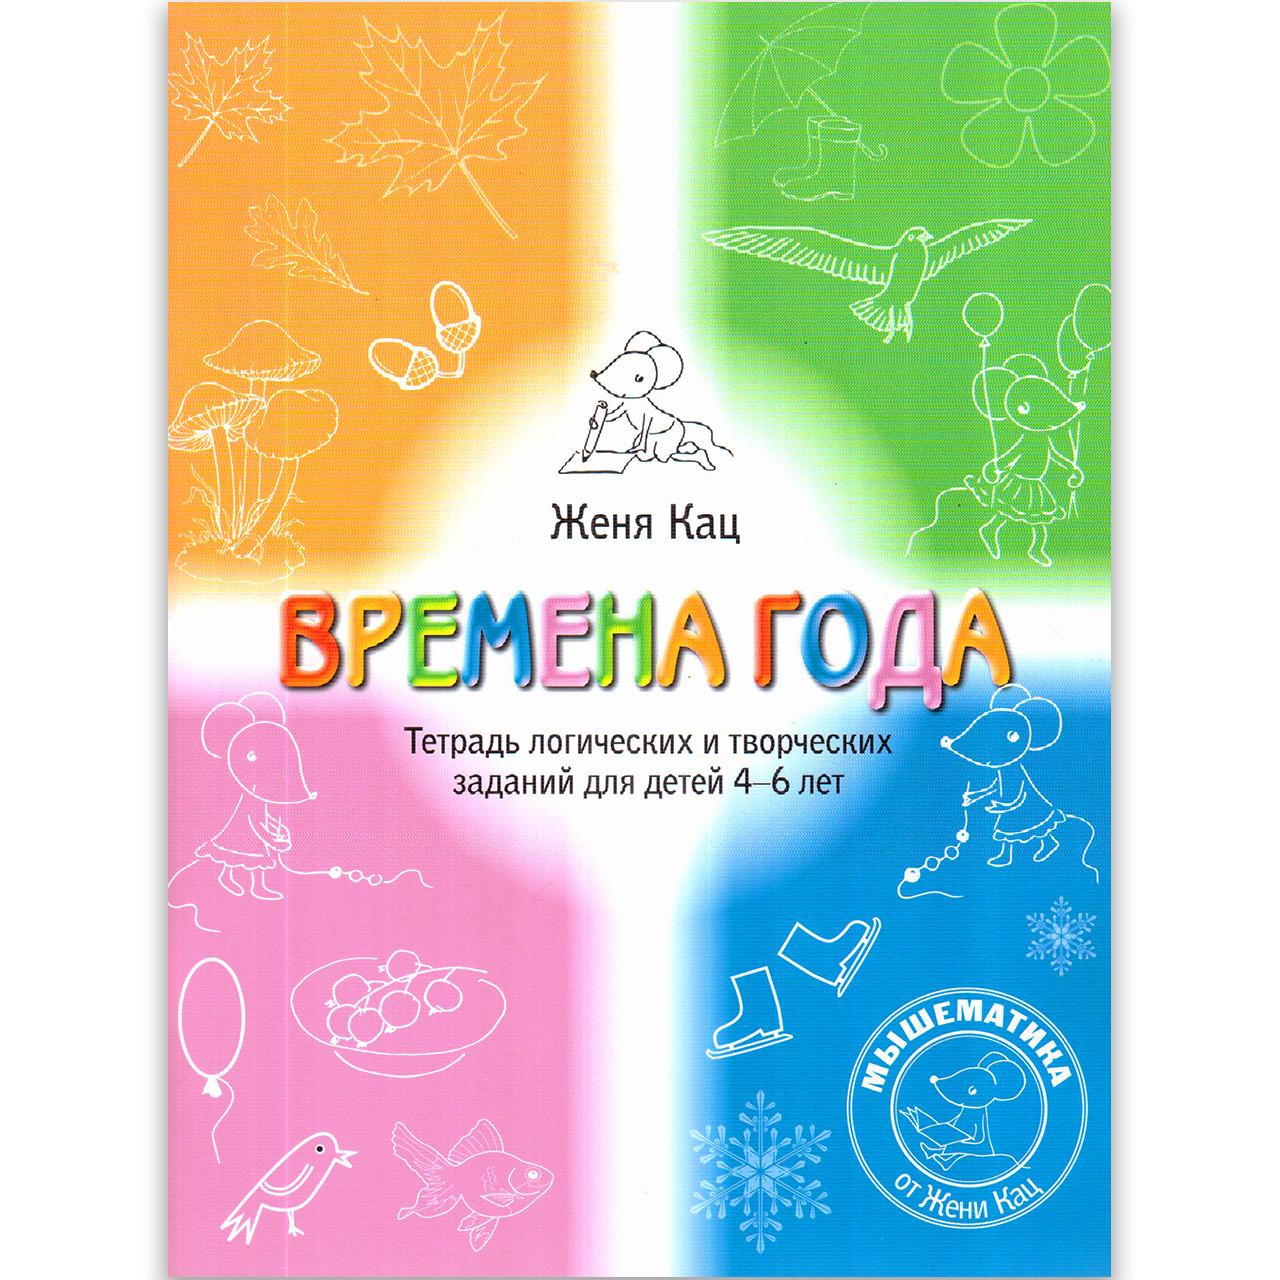 Времена года Тетрадь логических и творческих заданий для детей 4-6 лет Авт: Женя Кац Изд: МЦНМО